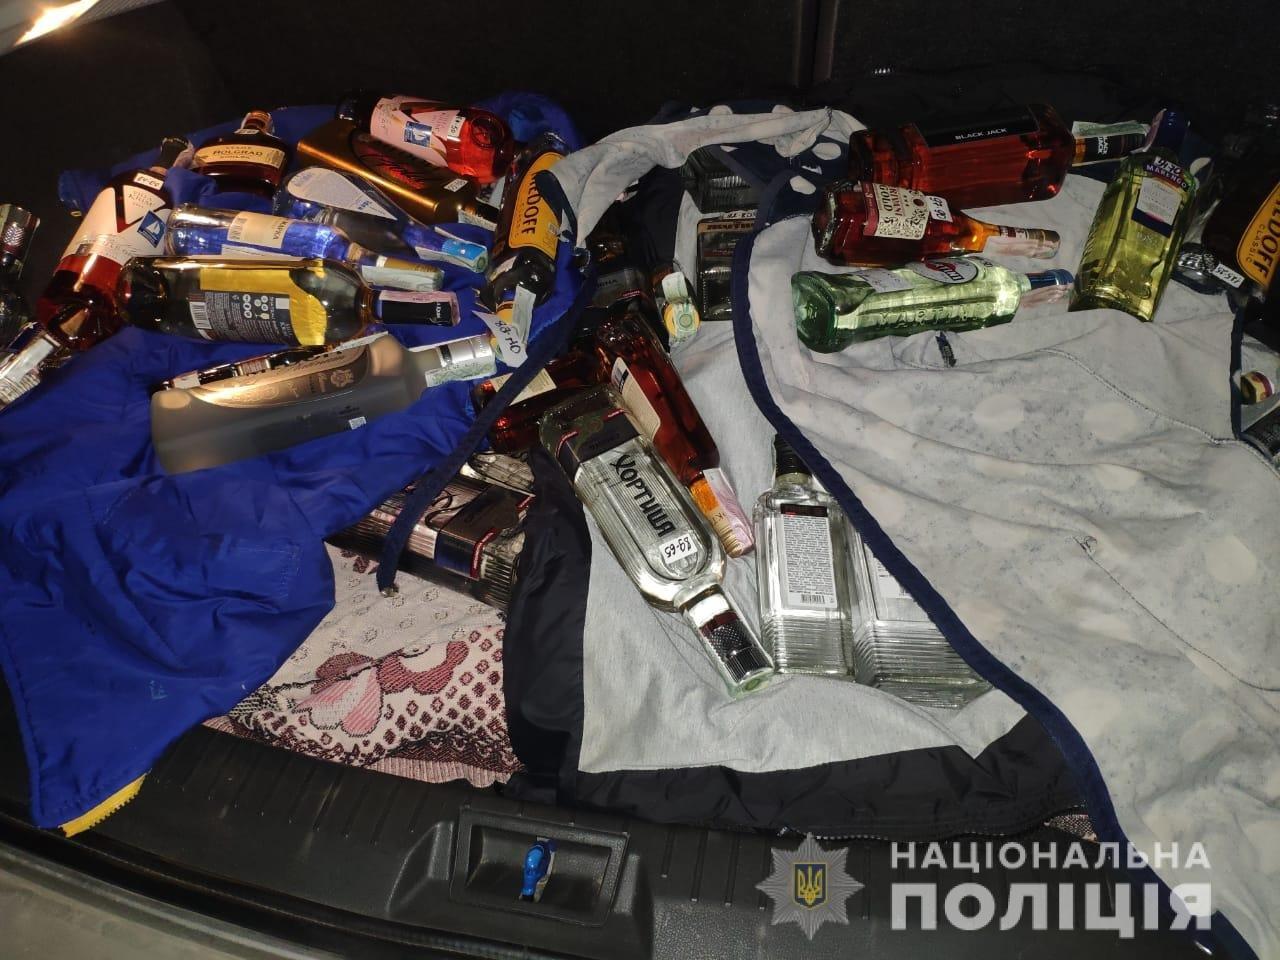 На Днепропетровщине полиция изъяла нелицензированный алкоголь и сигареты, - ФОТО, фото-1